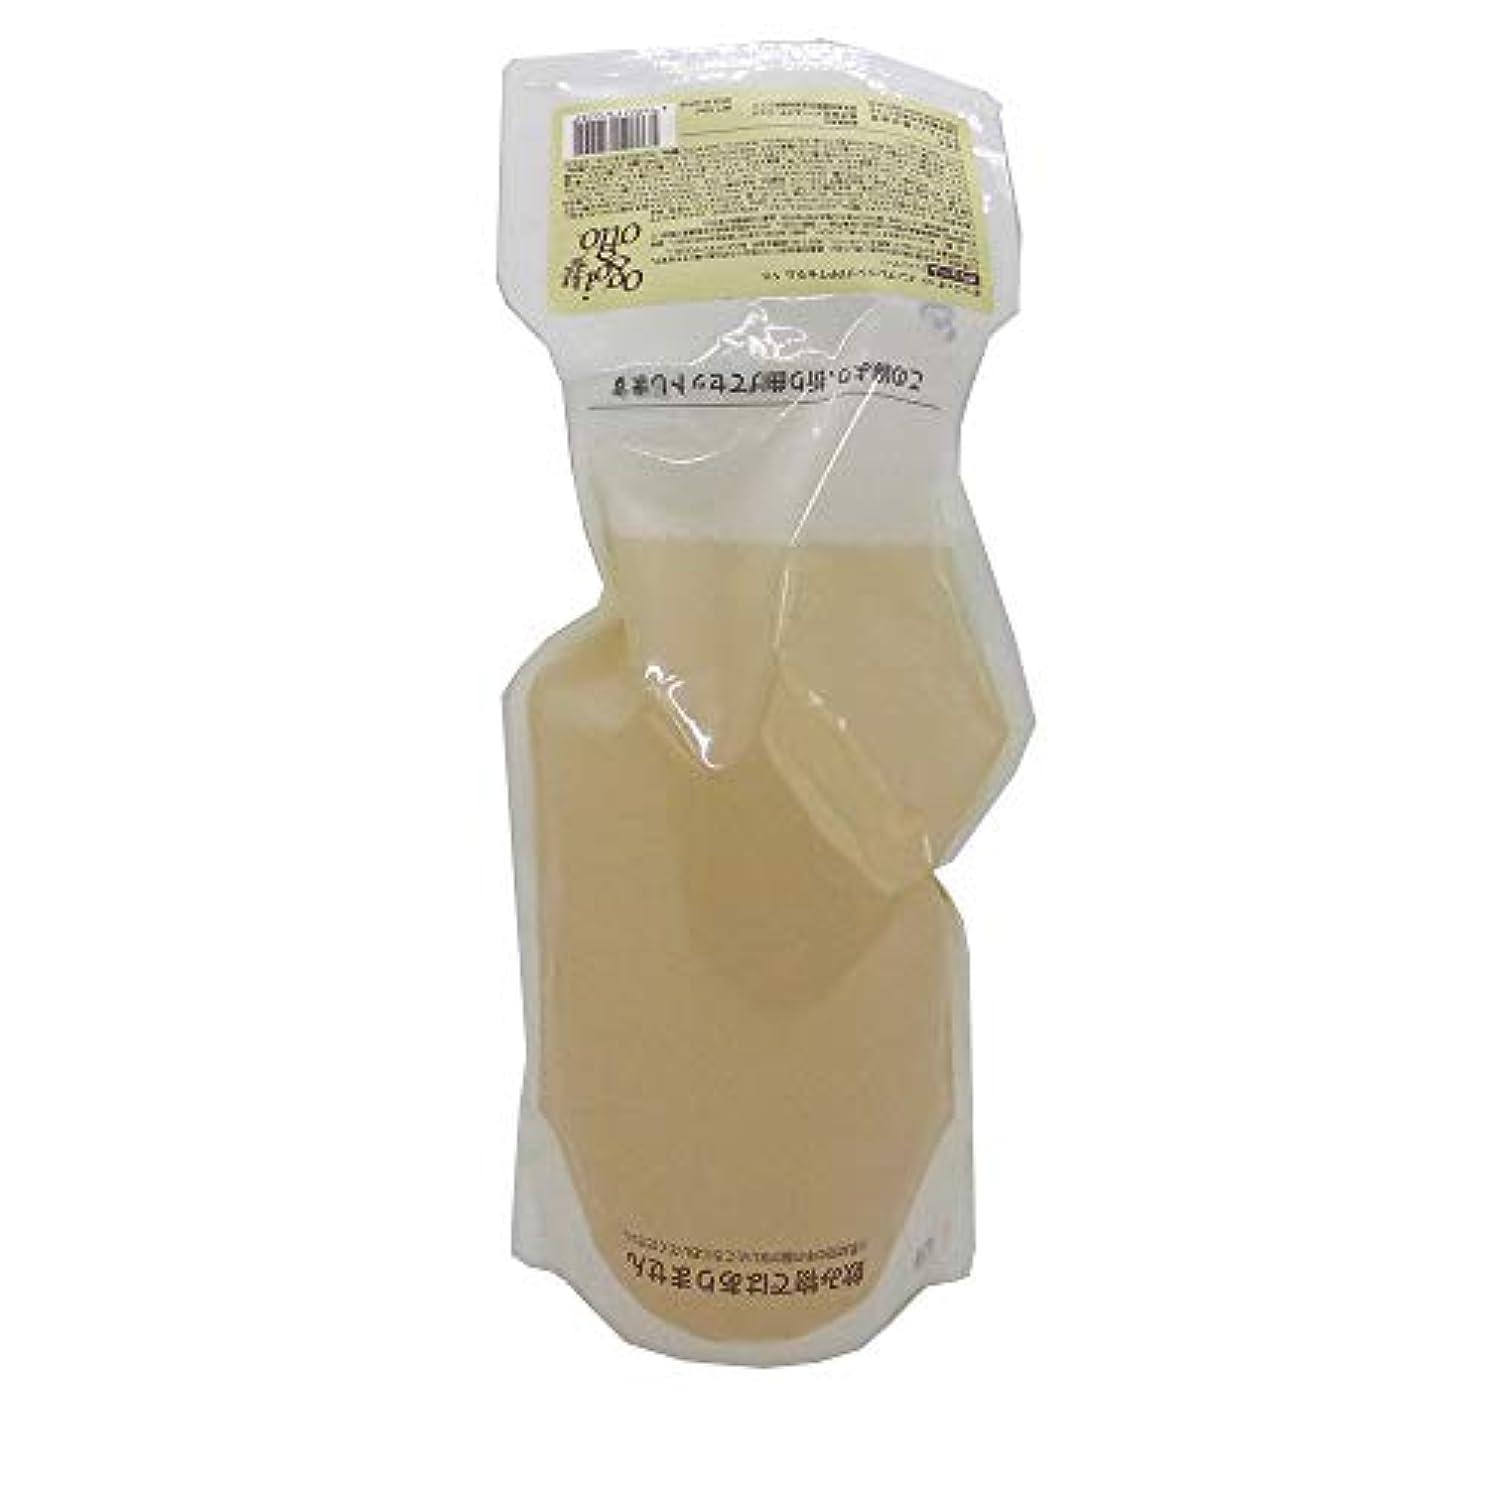 環境石鹸最後のオッジィオット インプレッシブPPTセラム VS[ボリューム]レフィル (700ml)